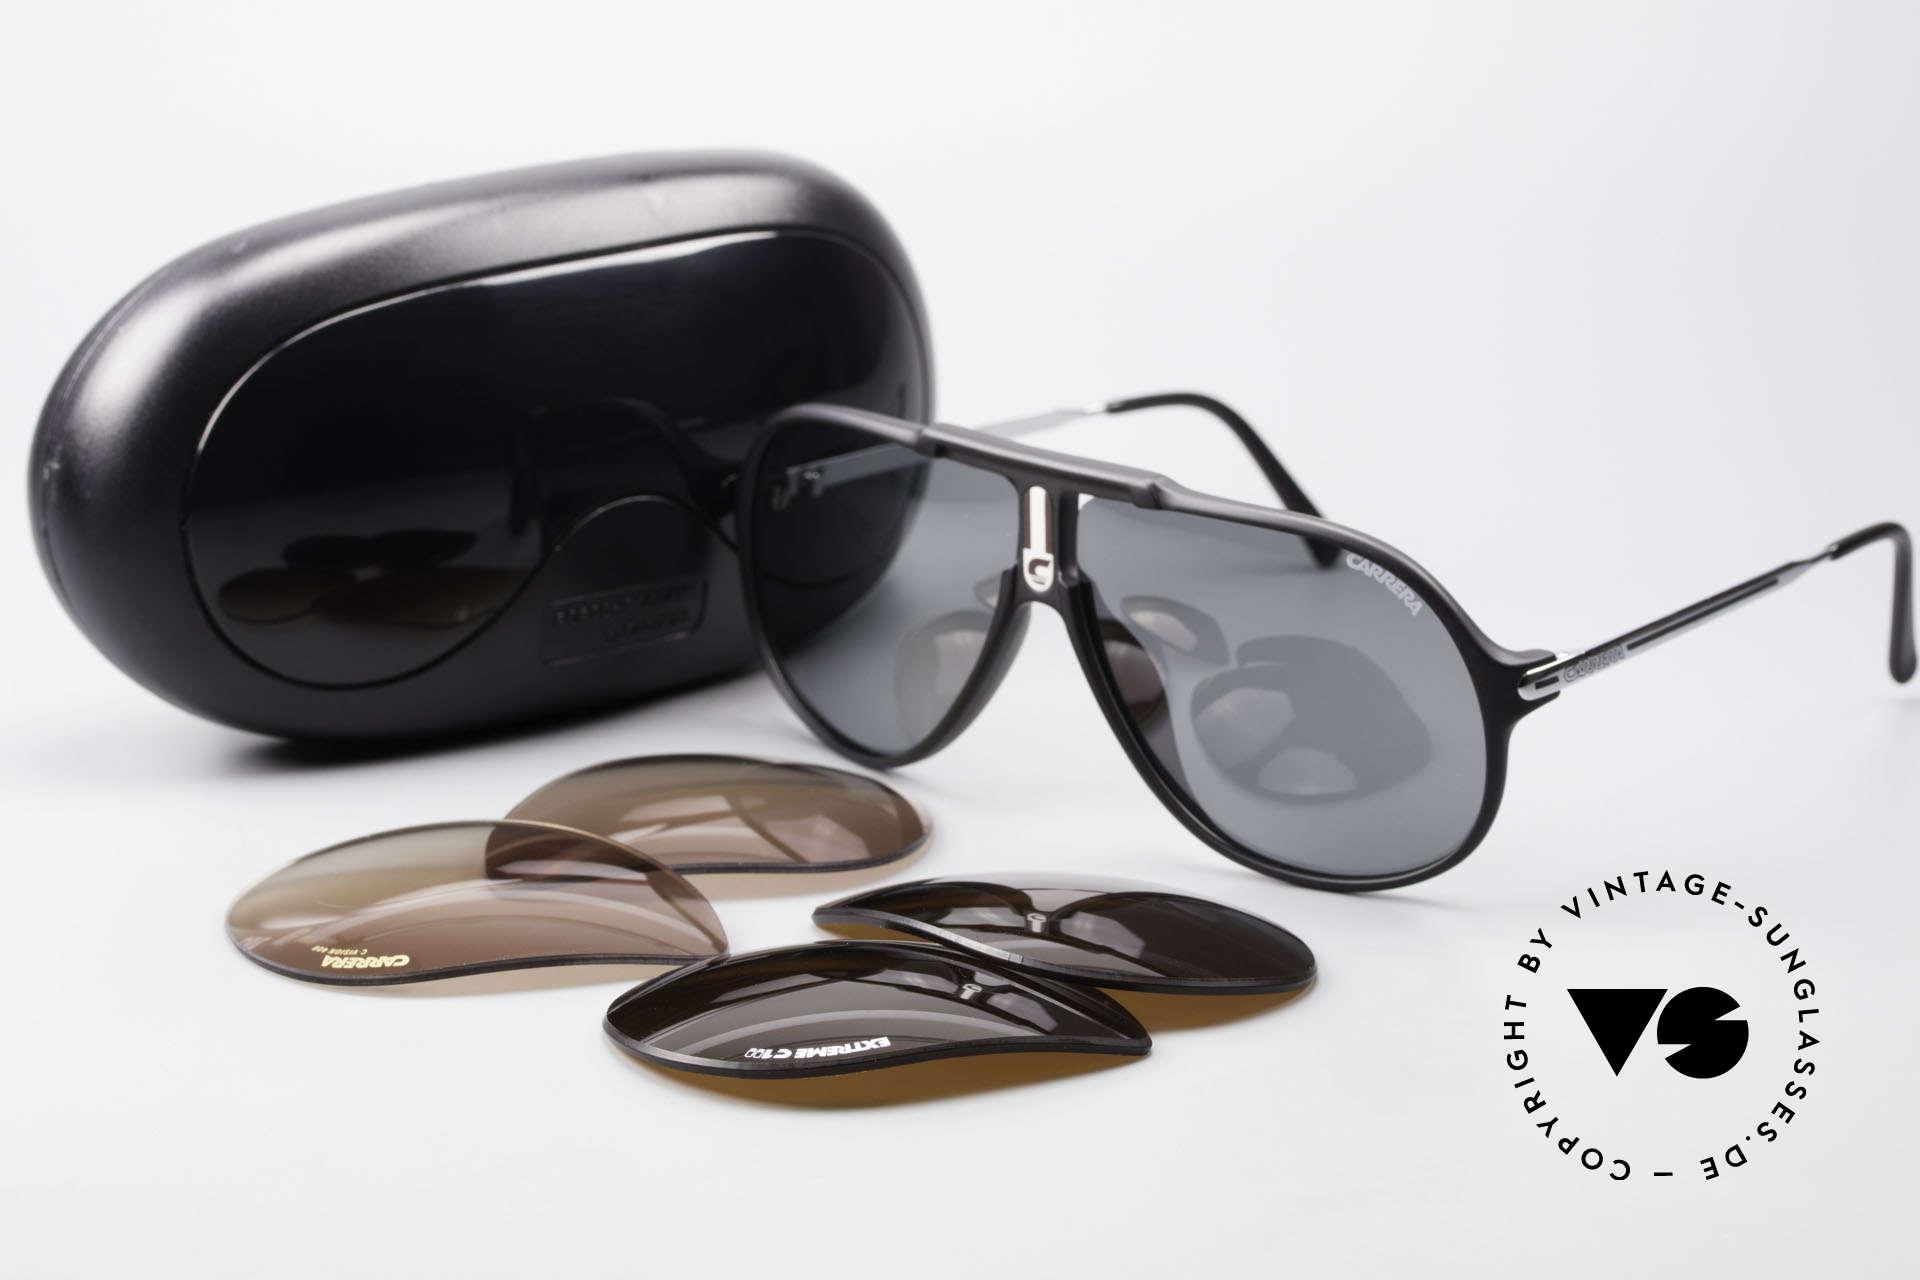 Carrera 5590 80er 90er Brille Polarisierend, KEINE Retrobrille; ein mind. 30 Jahres altes ORIGINAL!, Passend für Herren